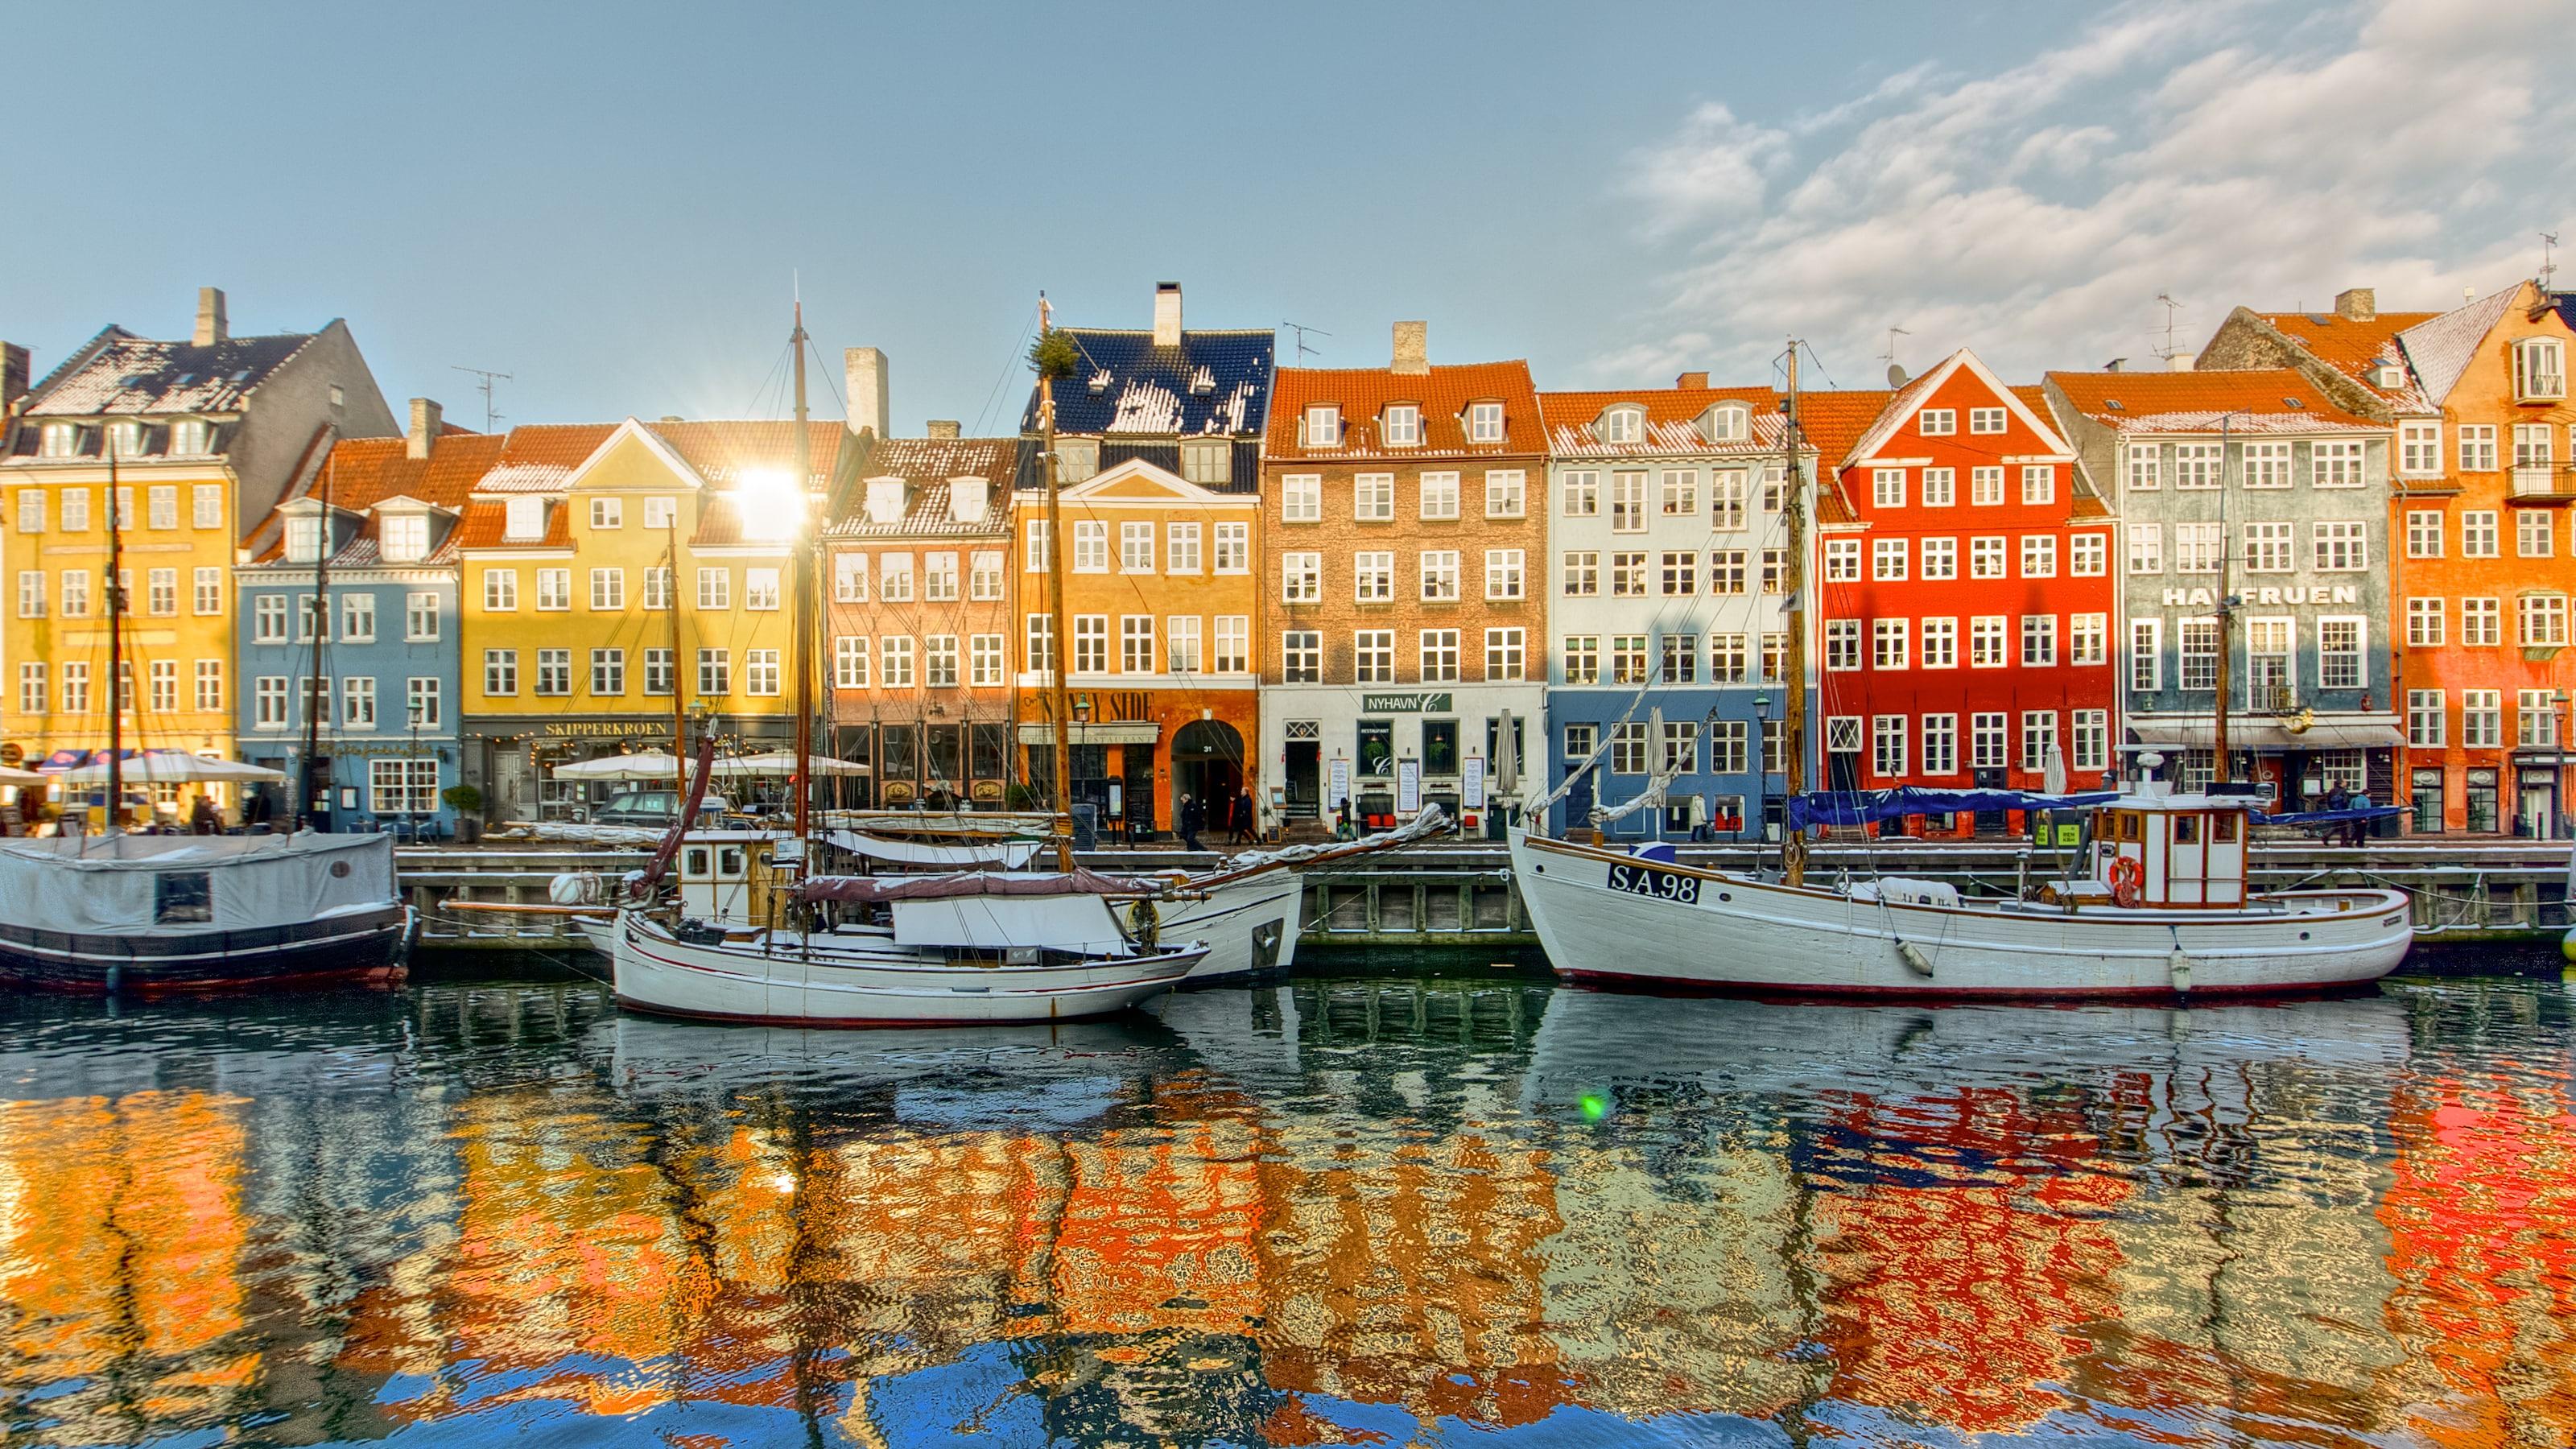 Uma fileira de coloridas residências dos séculos 17 e começo do 18 à beira dágua em Copenhague, na Dinamarca.